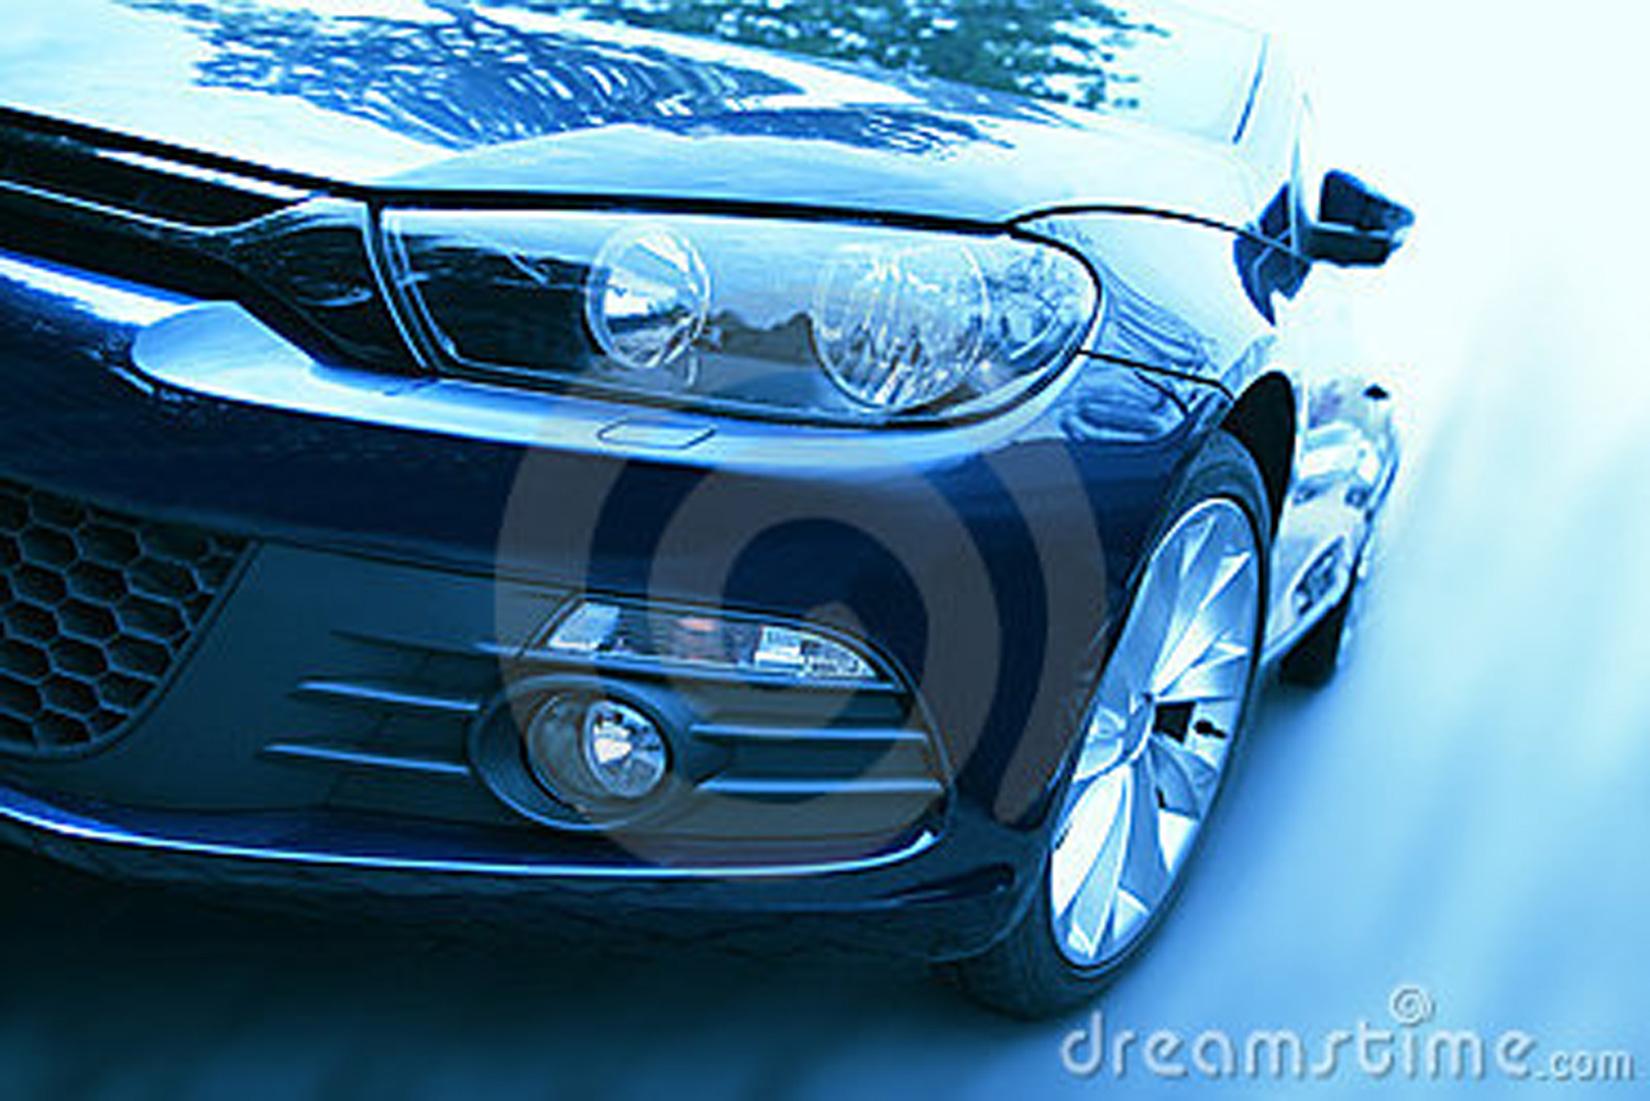 blue-sports-car-16008408-bg-test.jpg